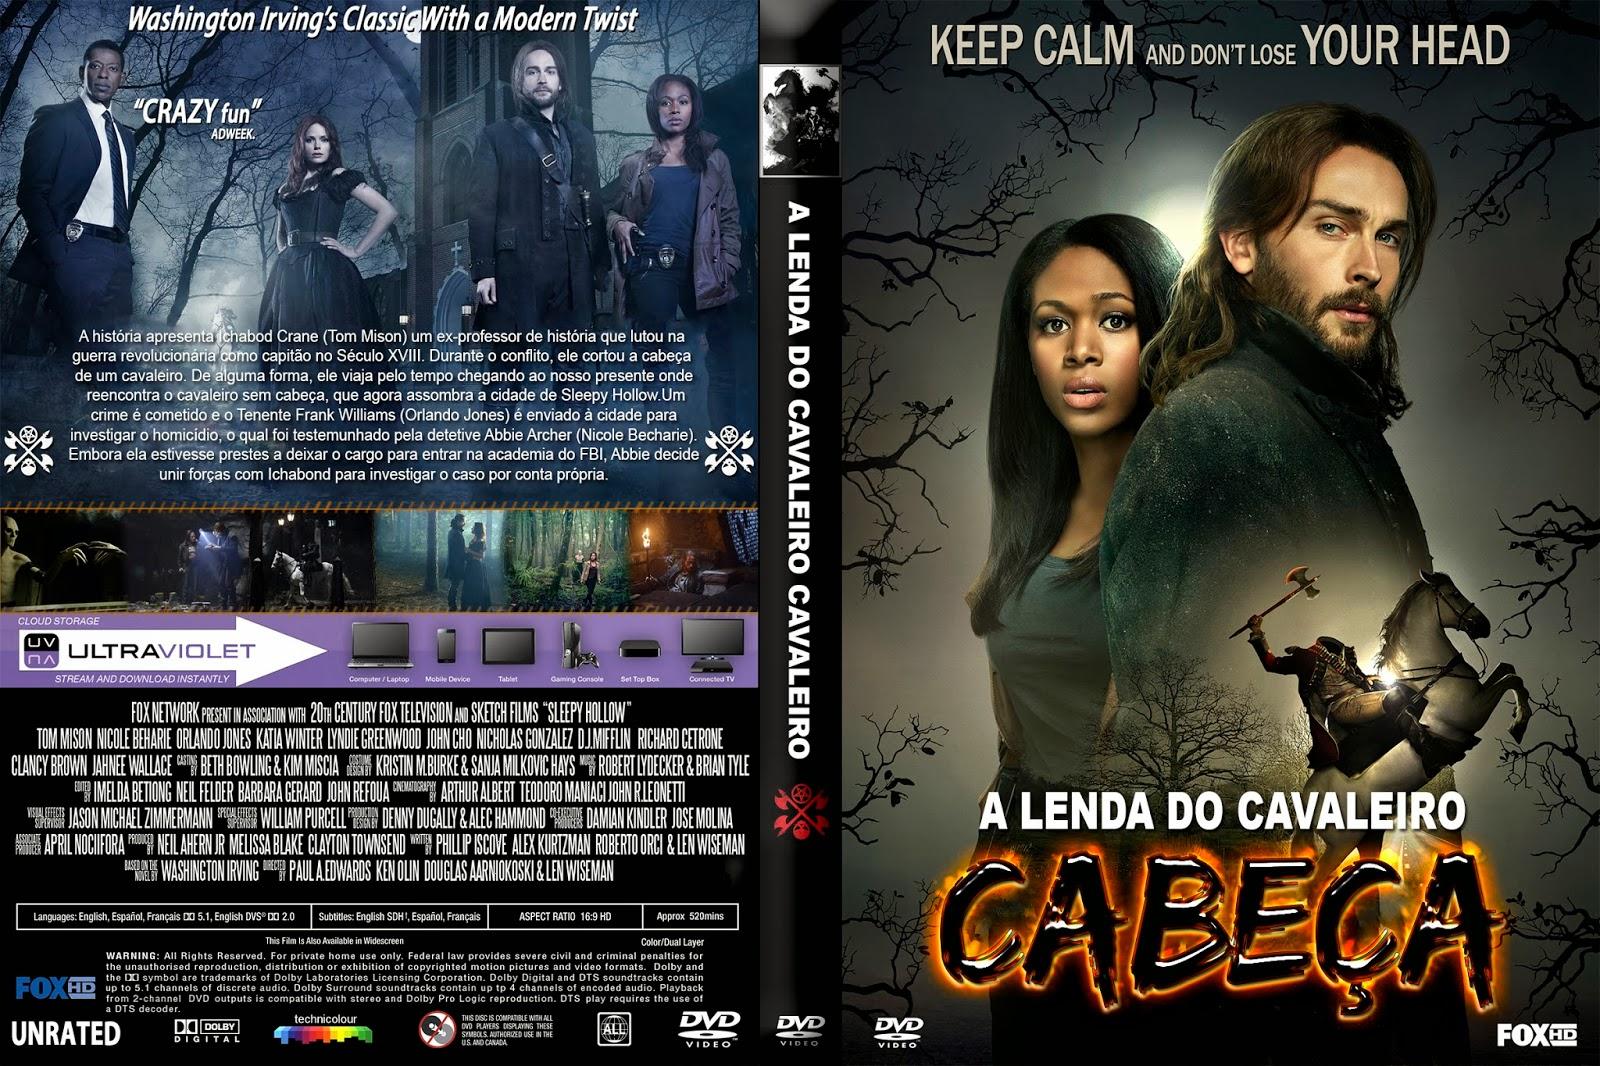 A Lenda Do Cavaleiro Sem Cabeça Filme Completo Amazing a lenda do cavaleiro fantasma